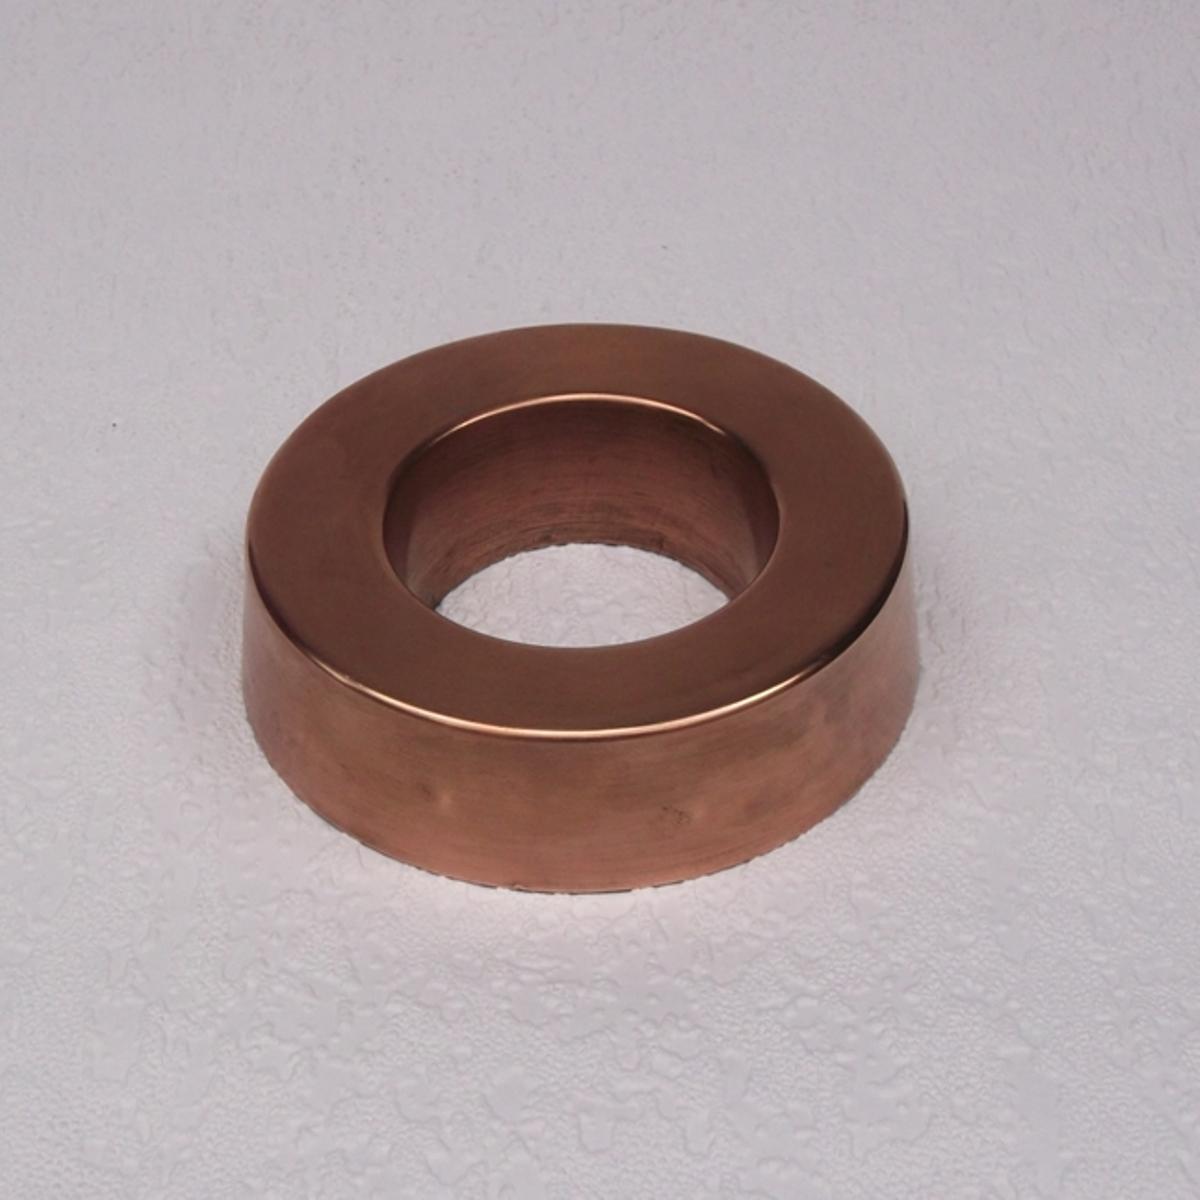 Moule a gateaux couronne en cuivre 2a 1